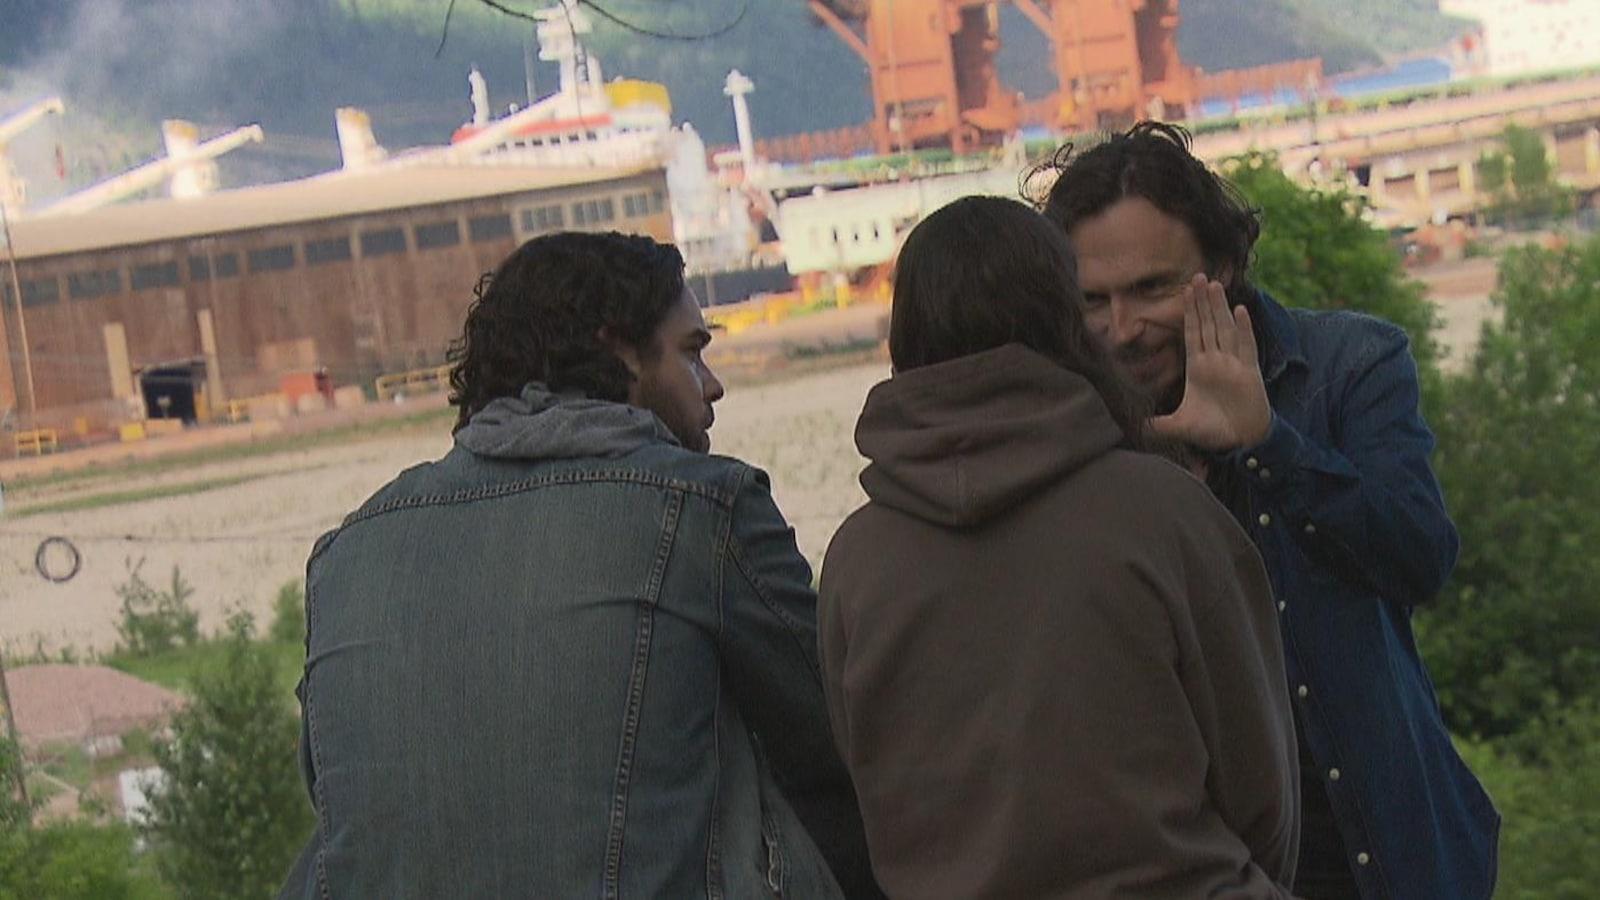 Le réalisateur Sébastien Pilote donne des instructions aux acteurs Pierre-Luc Brillant et Karelle Tremblay.